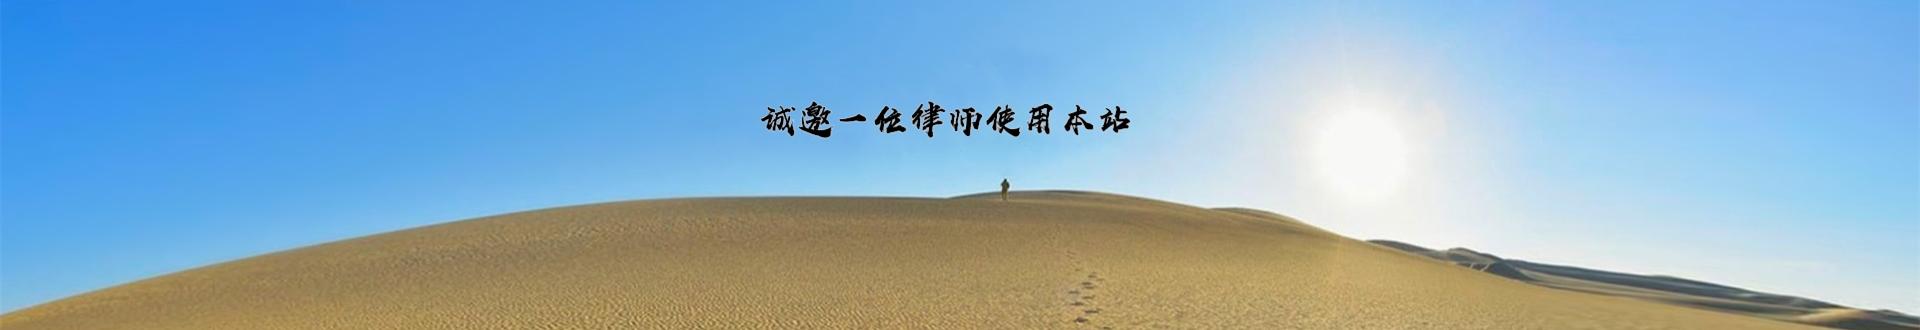 宋乾罡律师律师咨询6